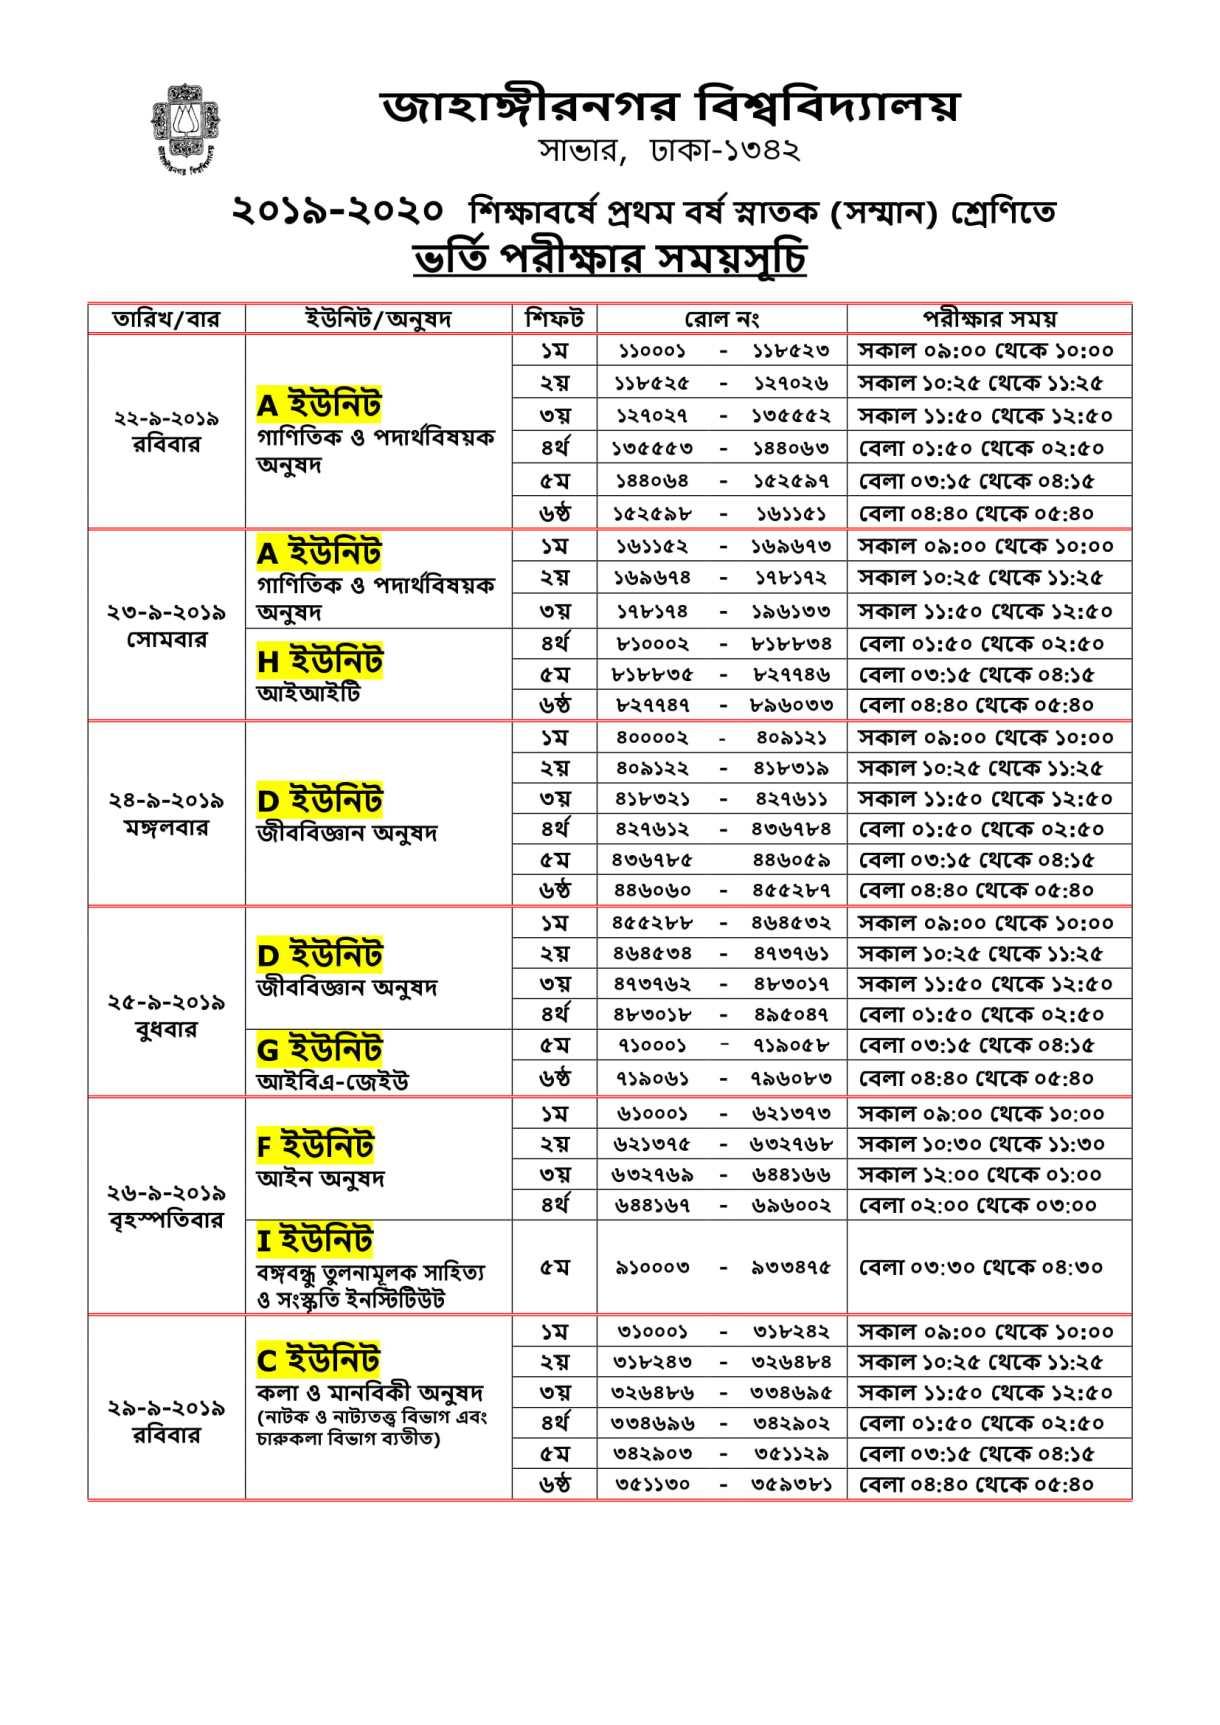 JU Admission Test Schedule 2019-20-1